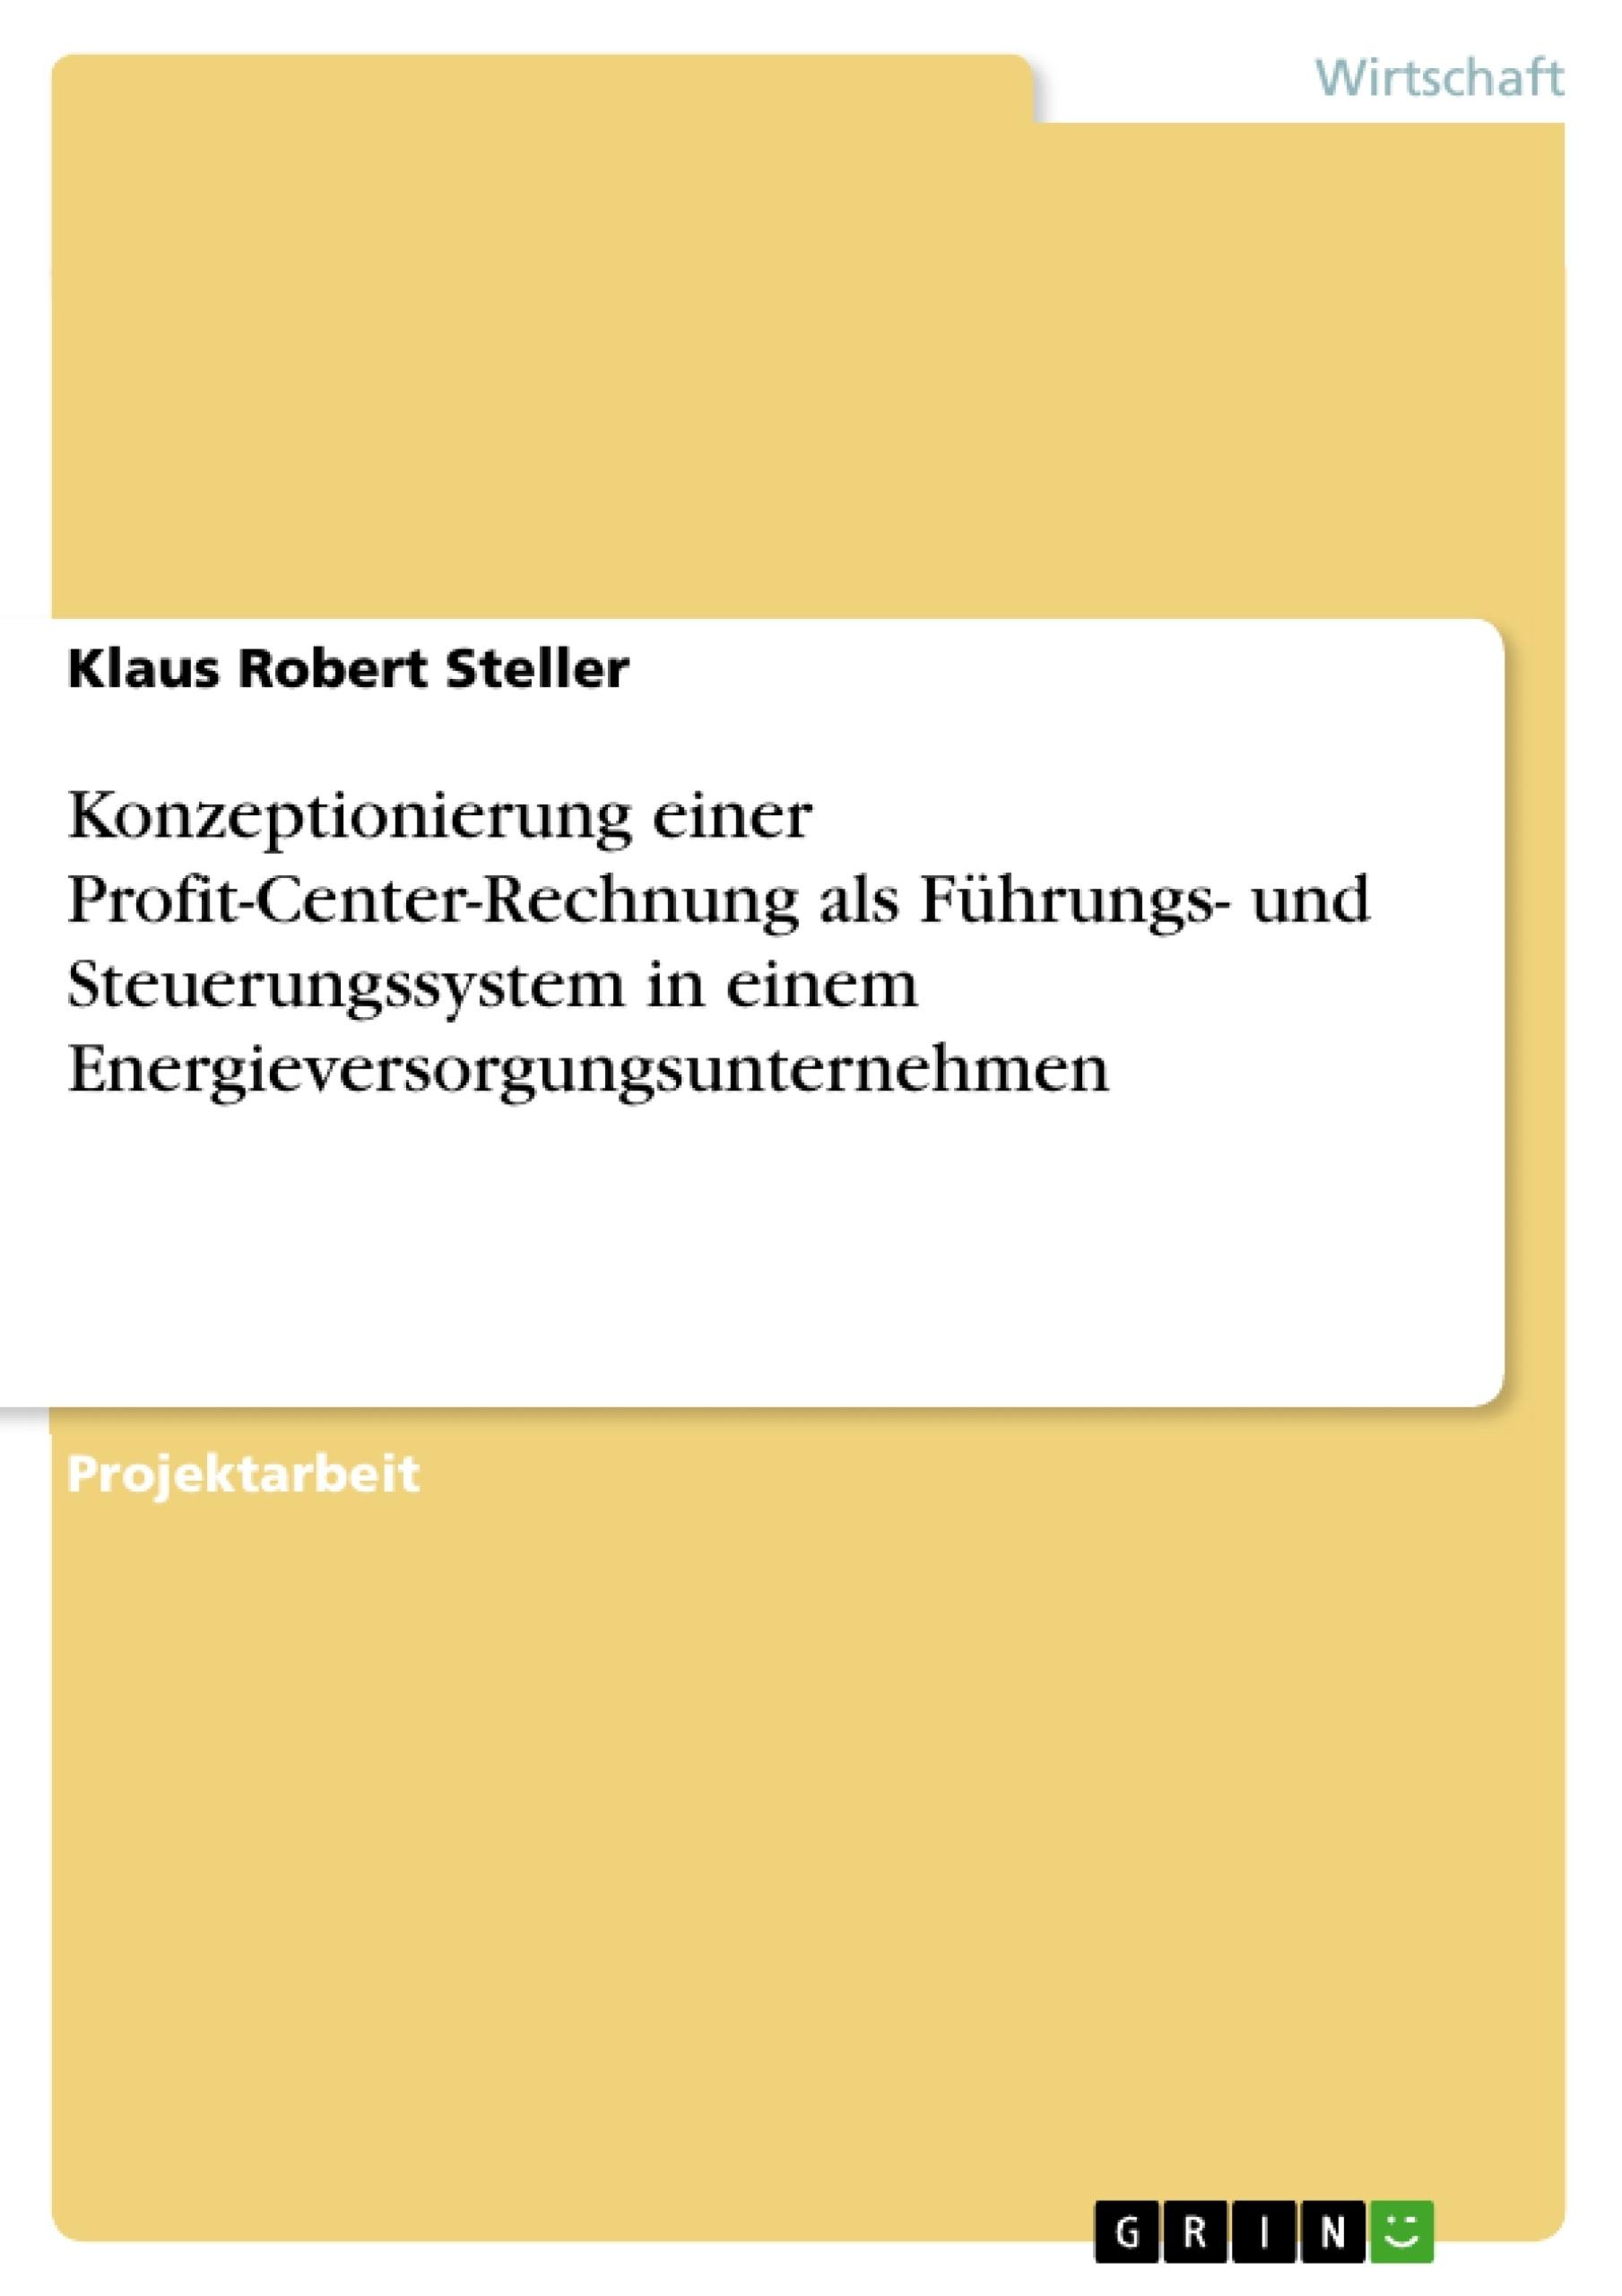 Titel: Konzeptionierung einer Profit-Center-Rechnung als Führungs- und Steuerungssystem in einem Energieversorgungsunternehmen